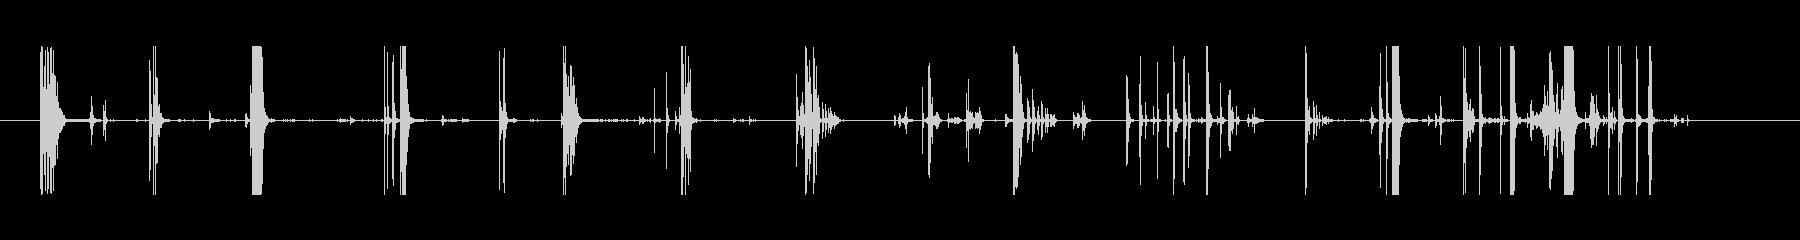 メタルフォークカップスプーンムーブメントの未再生の波形